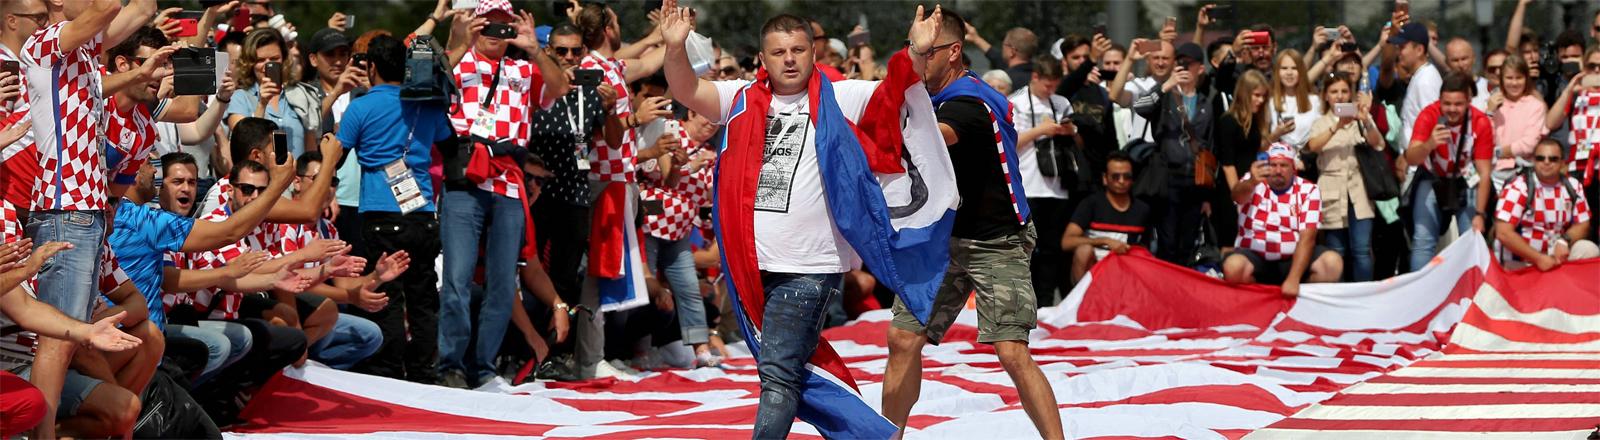 Kroatische Fans während der WM 2018 in Moskau